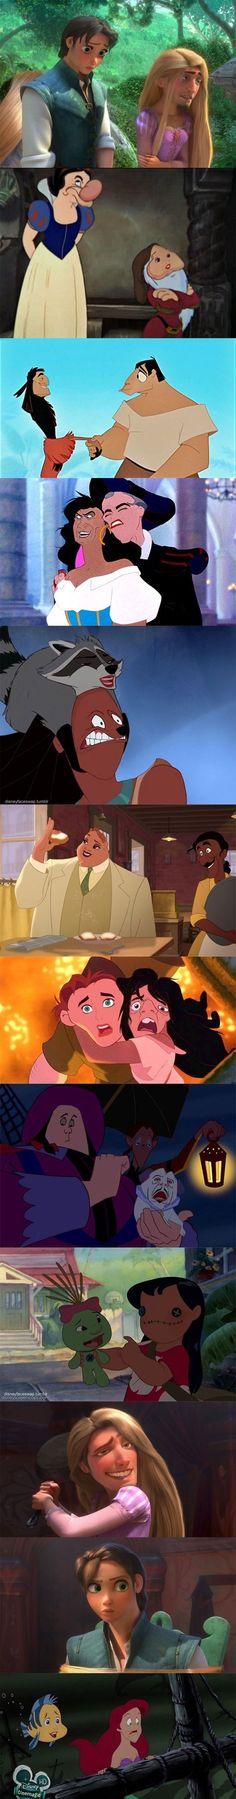 Disney face swap is too freaky...